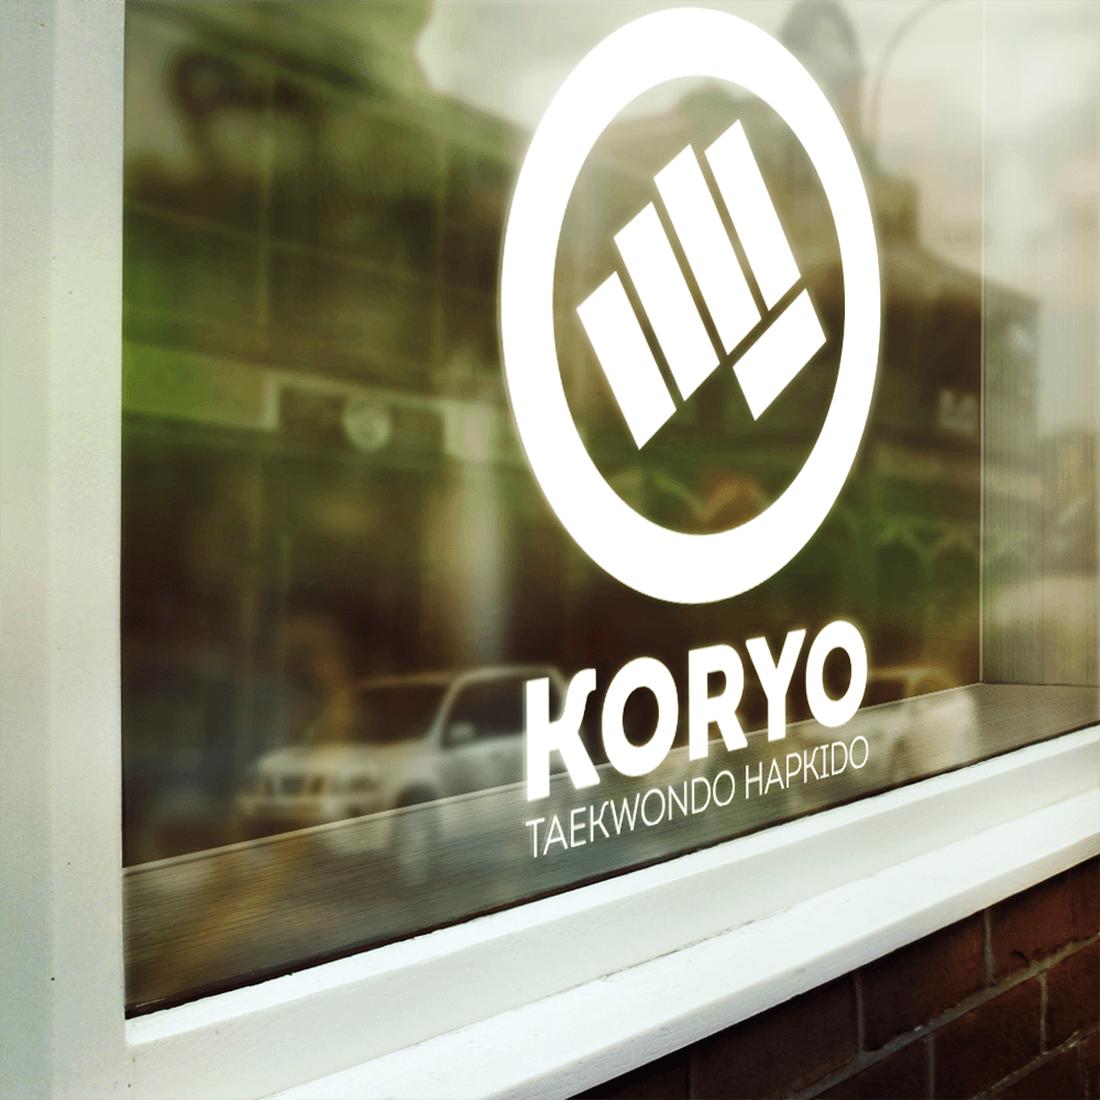 https://ponad.pl/wp-content/uploads/2015/01/koryo-logo-design-4.png